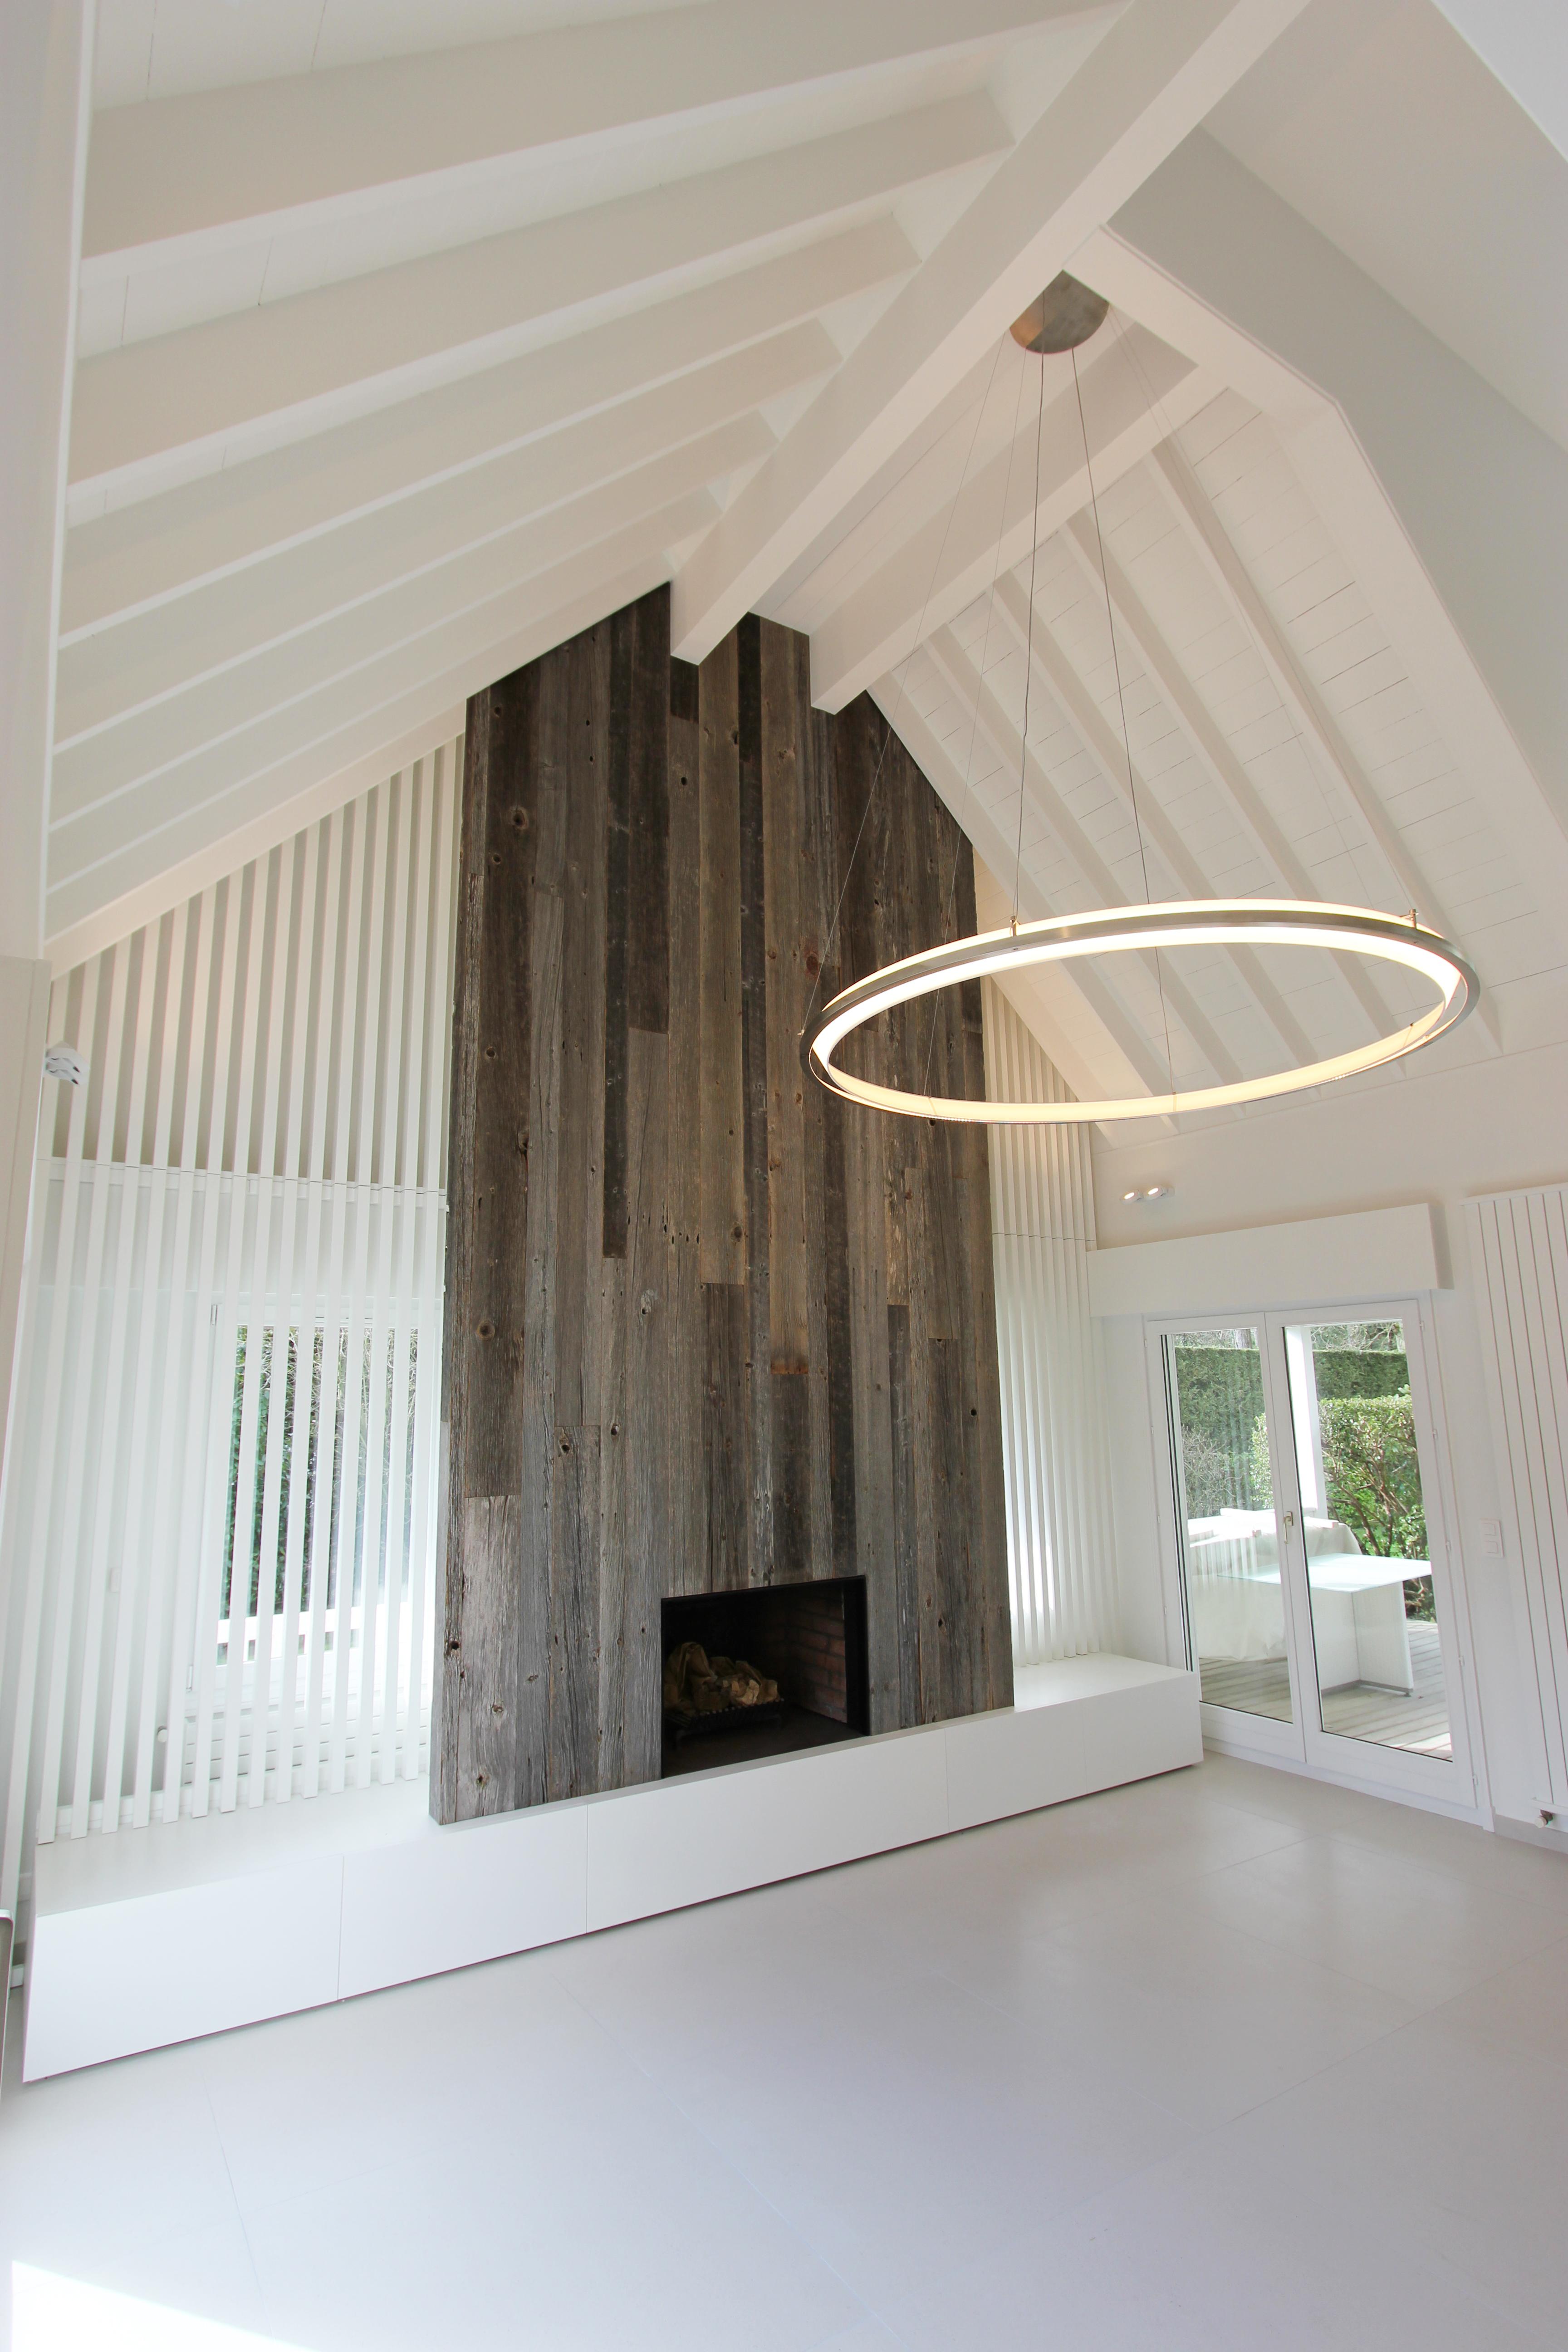 amenagement et transformation d une villa sur la cote d opale guillaume da silva. Black Bedroom Furniture Sets. Home Design Ideas